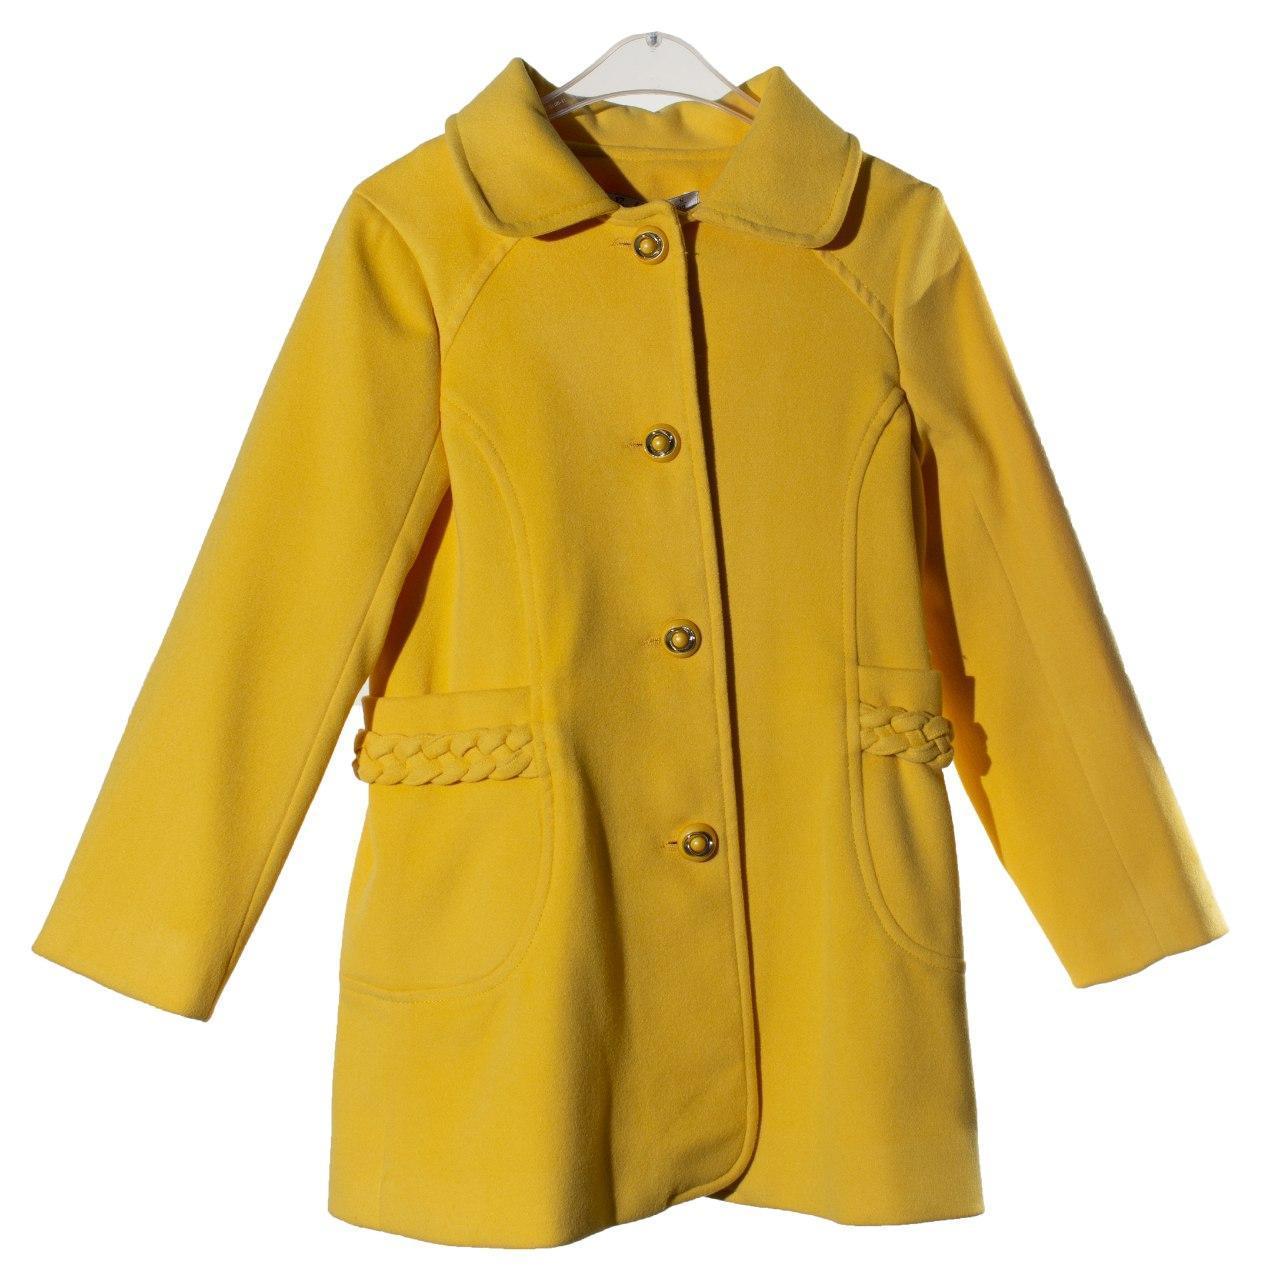 Демисезонное пальто для девочки, осень/весна, размеры 3, 4 года, 5 лет